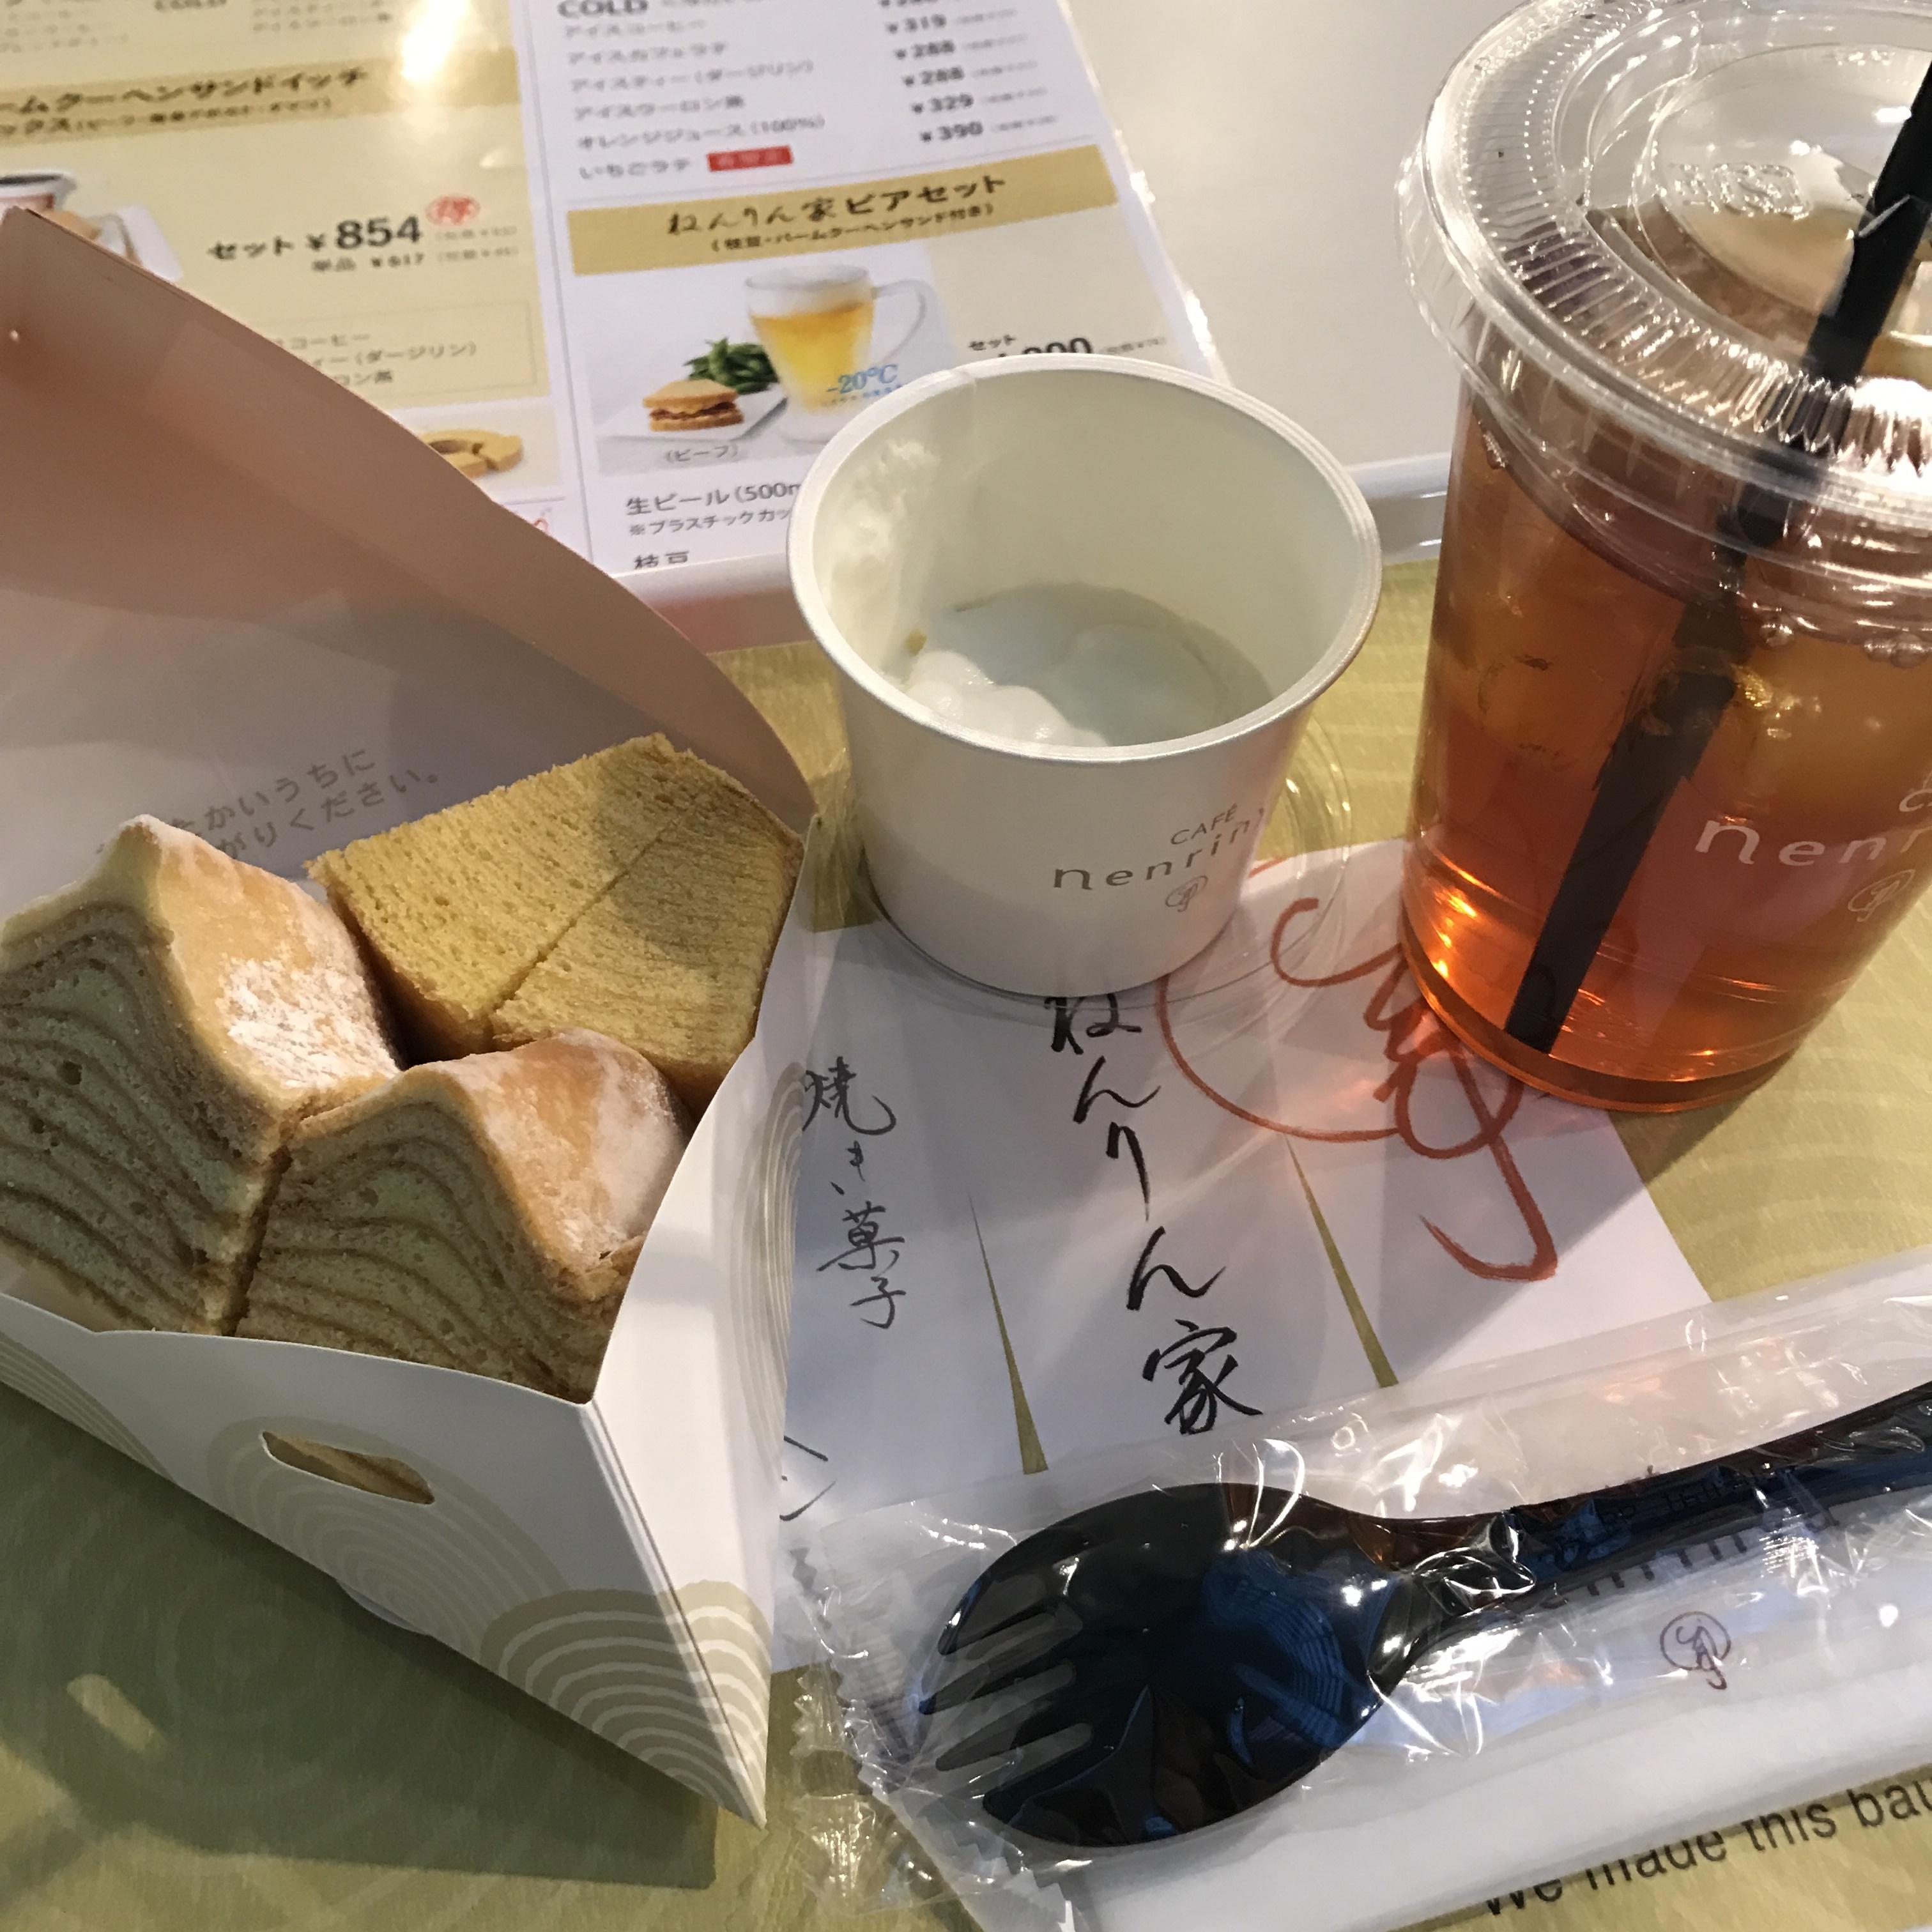 スイーツ女子必見!【バームクーヘン専門カフェ】_1_3